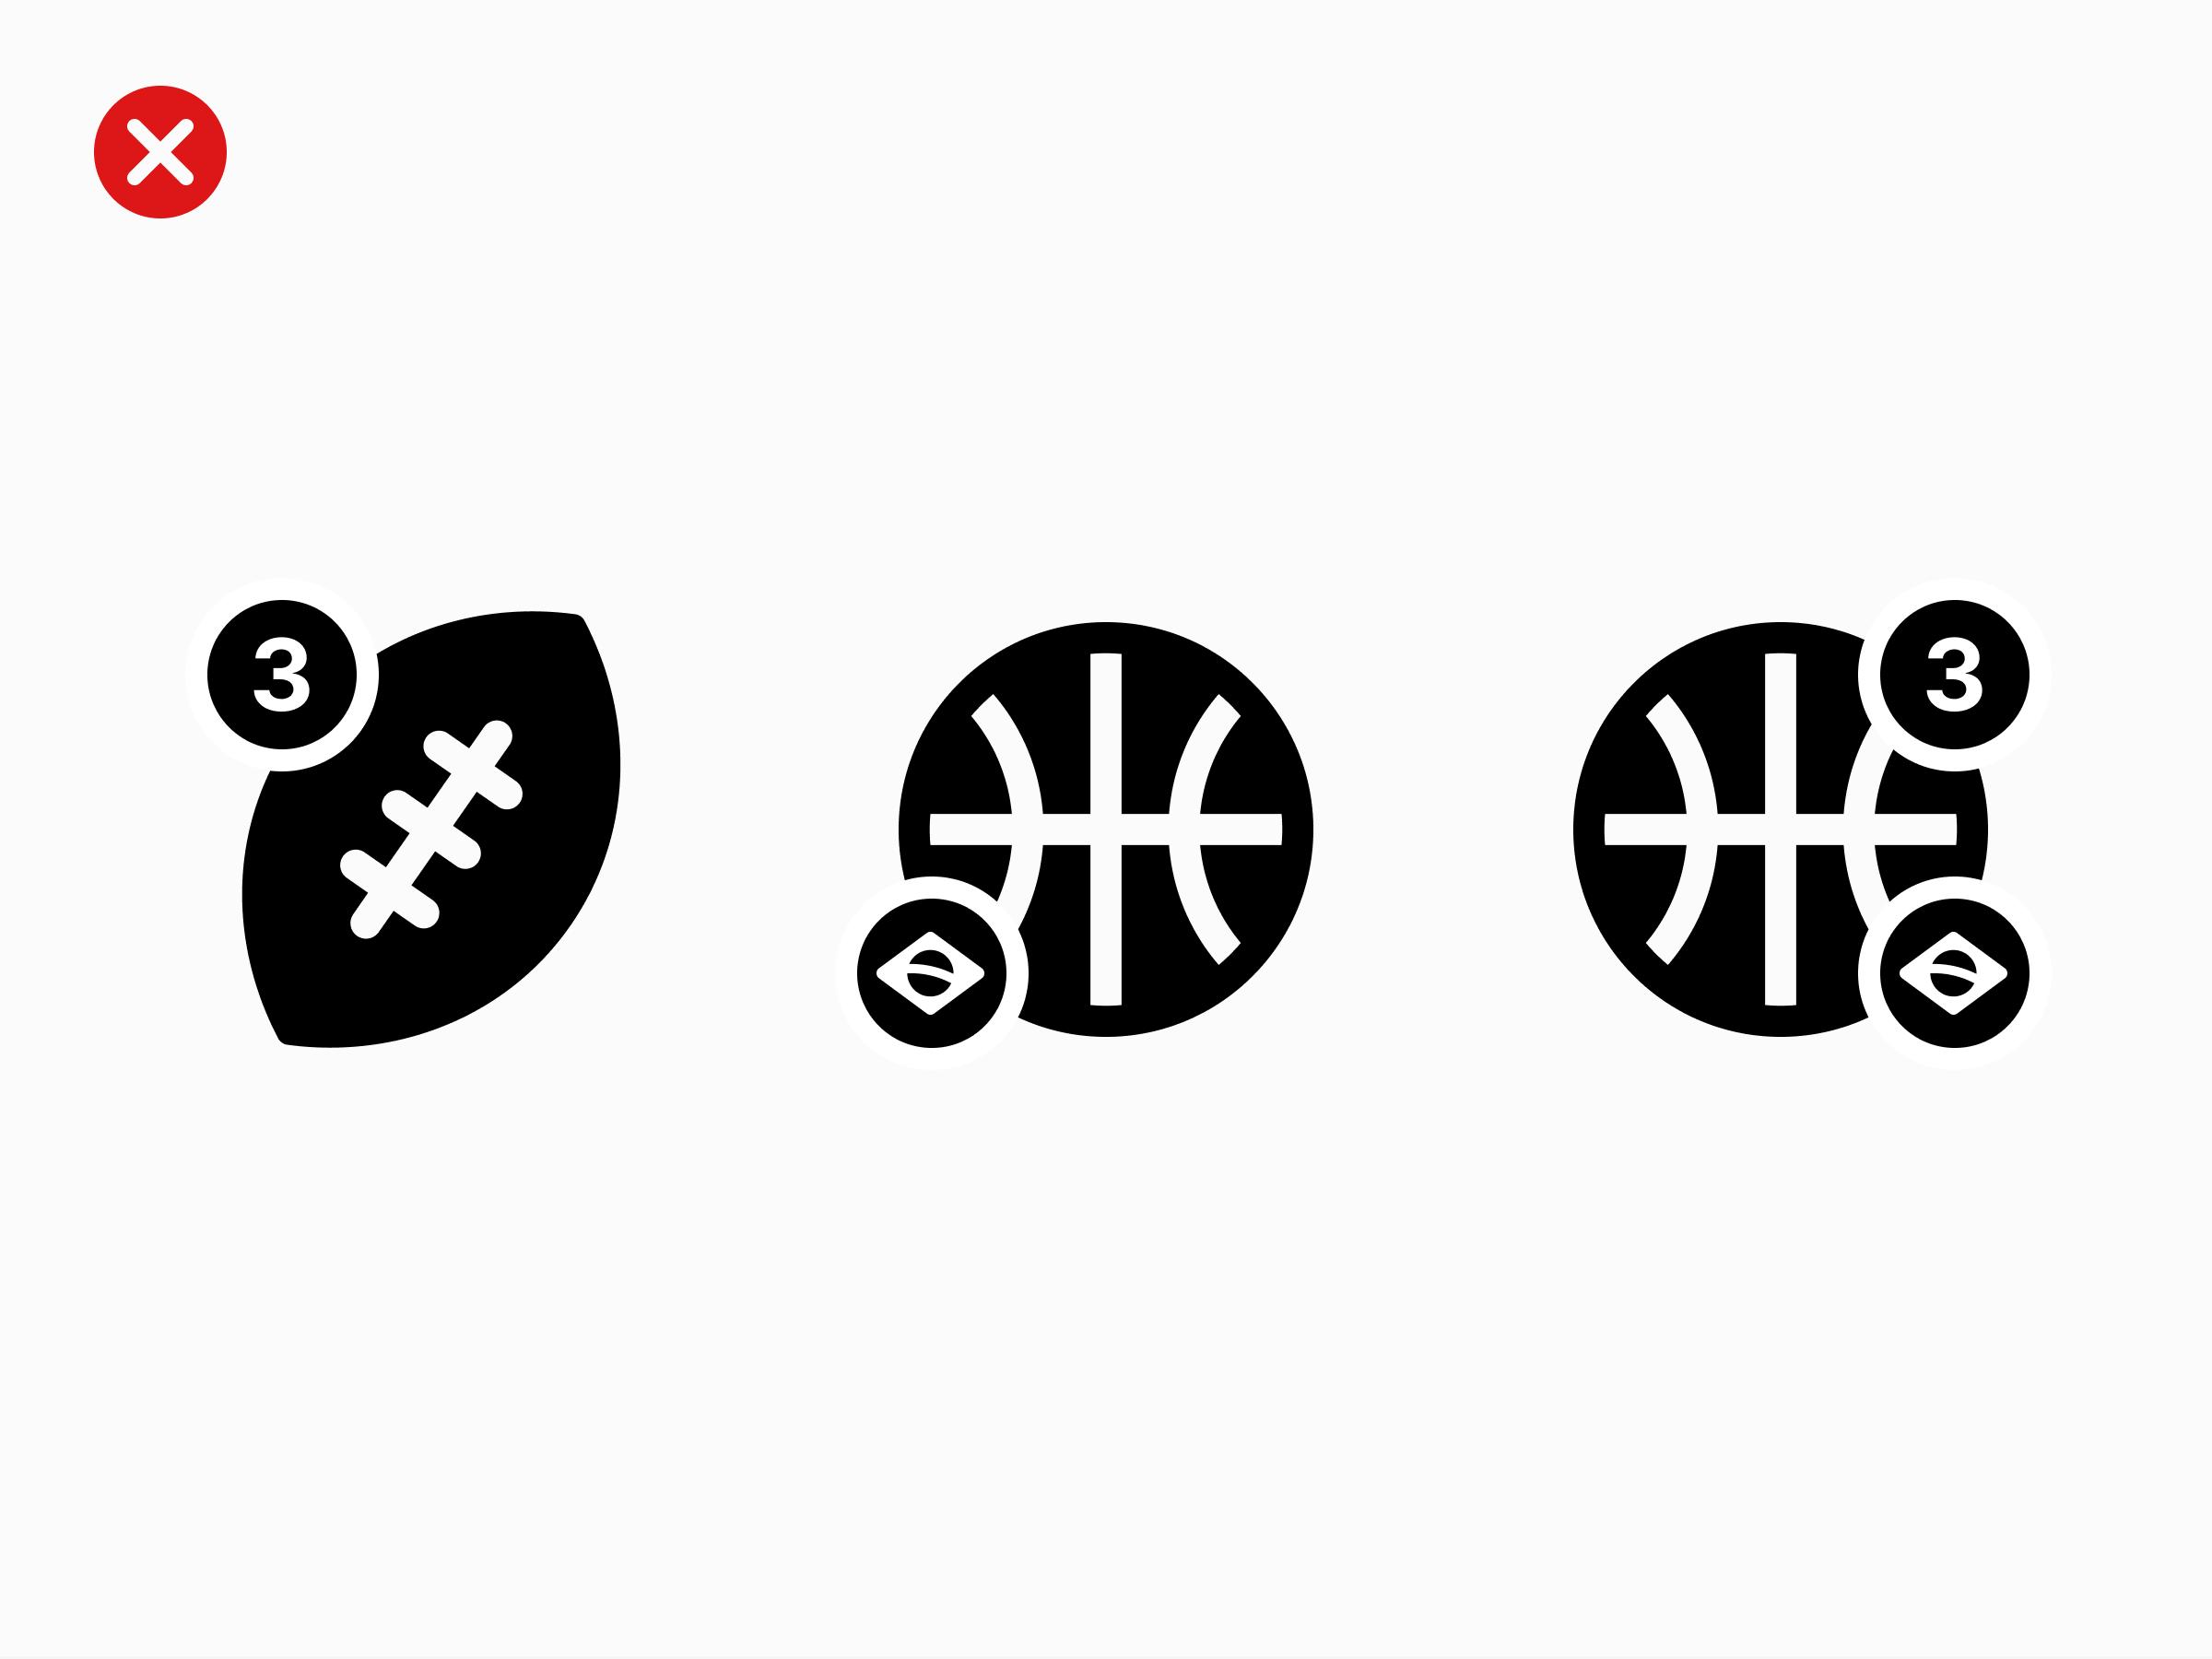 Symbol X